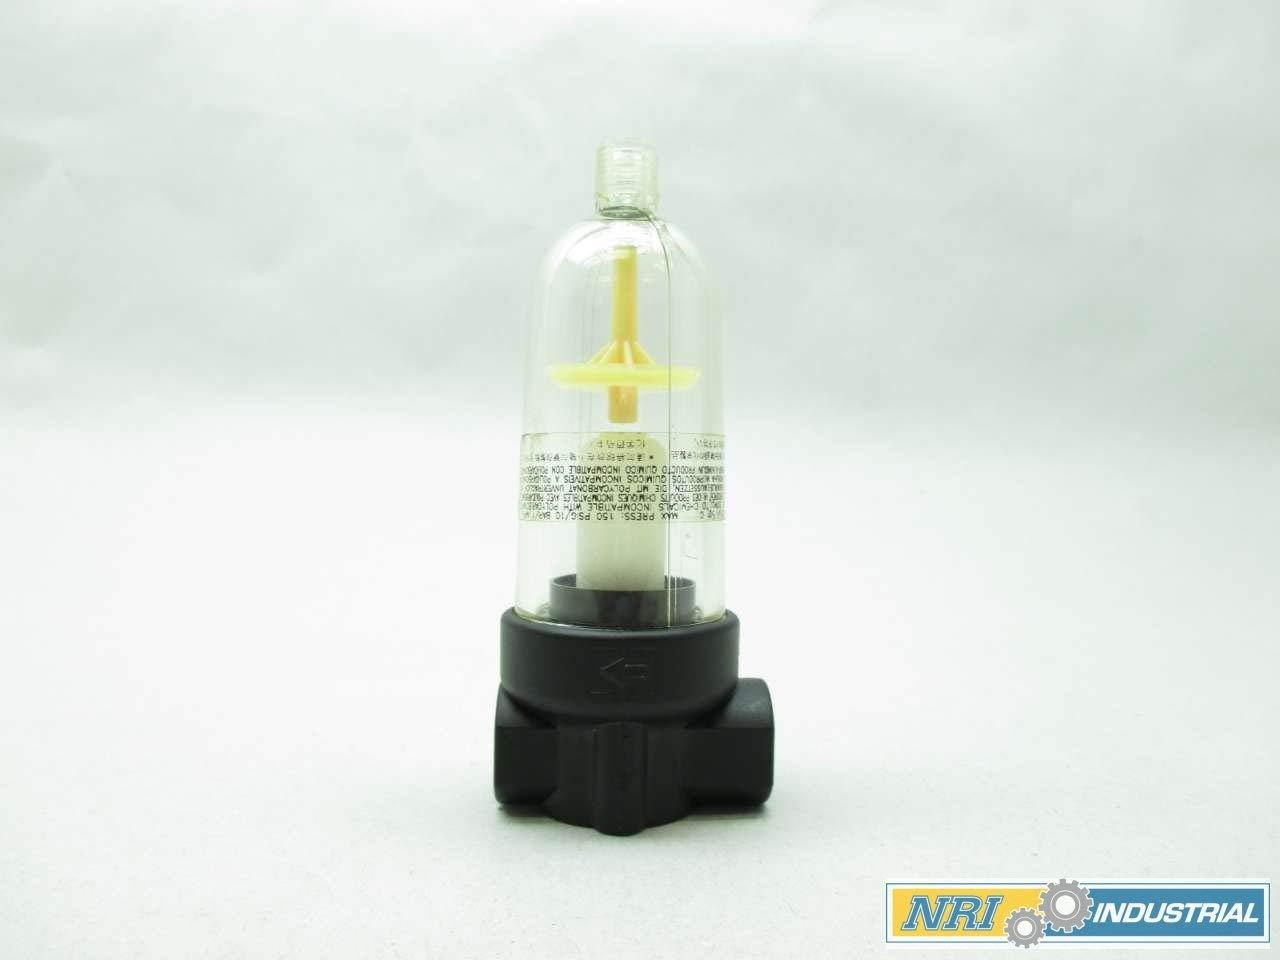 NEW NORGREN F07-100-A1TA 150PSI 1/8 IN NPT PNEUMATIC FILTER D439451